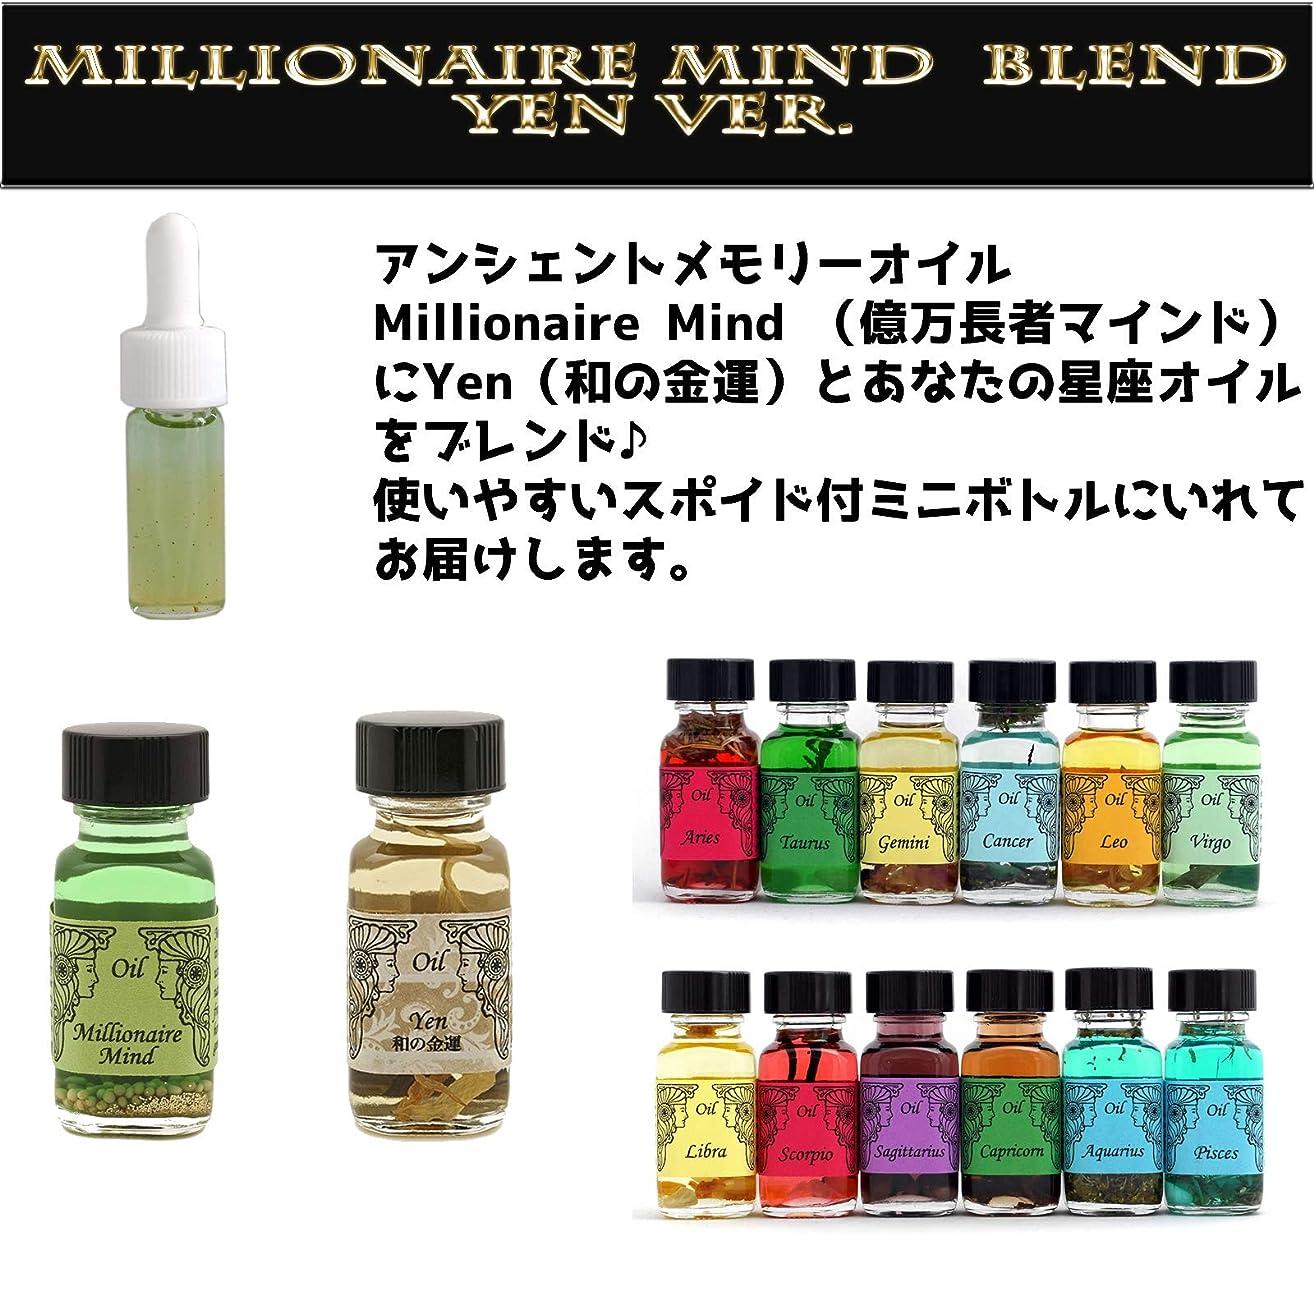 クラブレルムセラーアンシェントメモリーオイル Millionaire Mind 億万長者マインド ブレンド【Yen 和の金運&かに座】